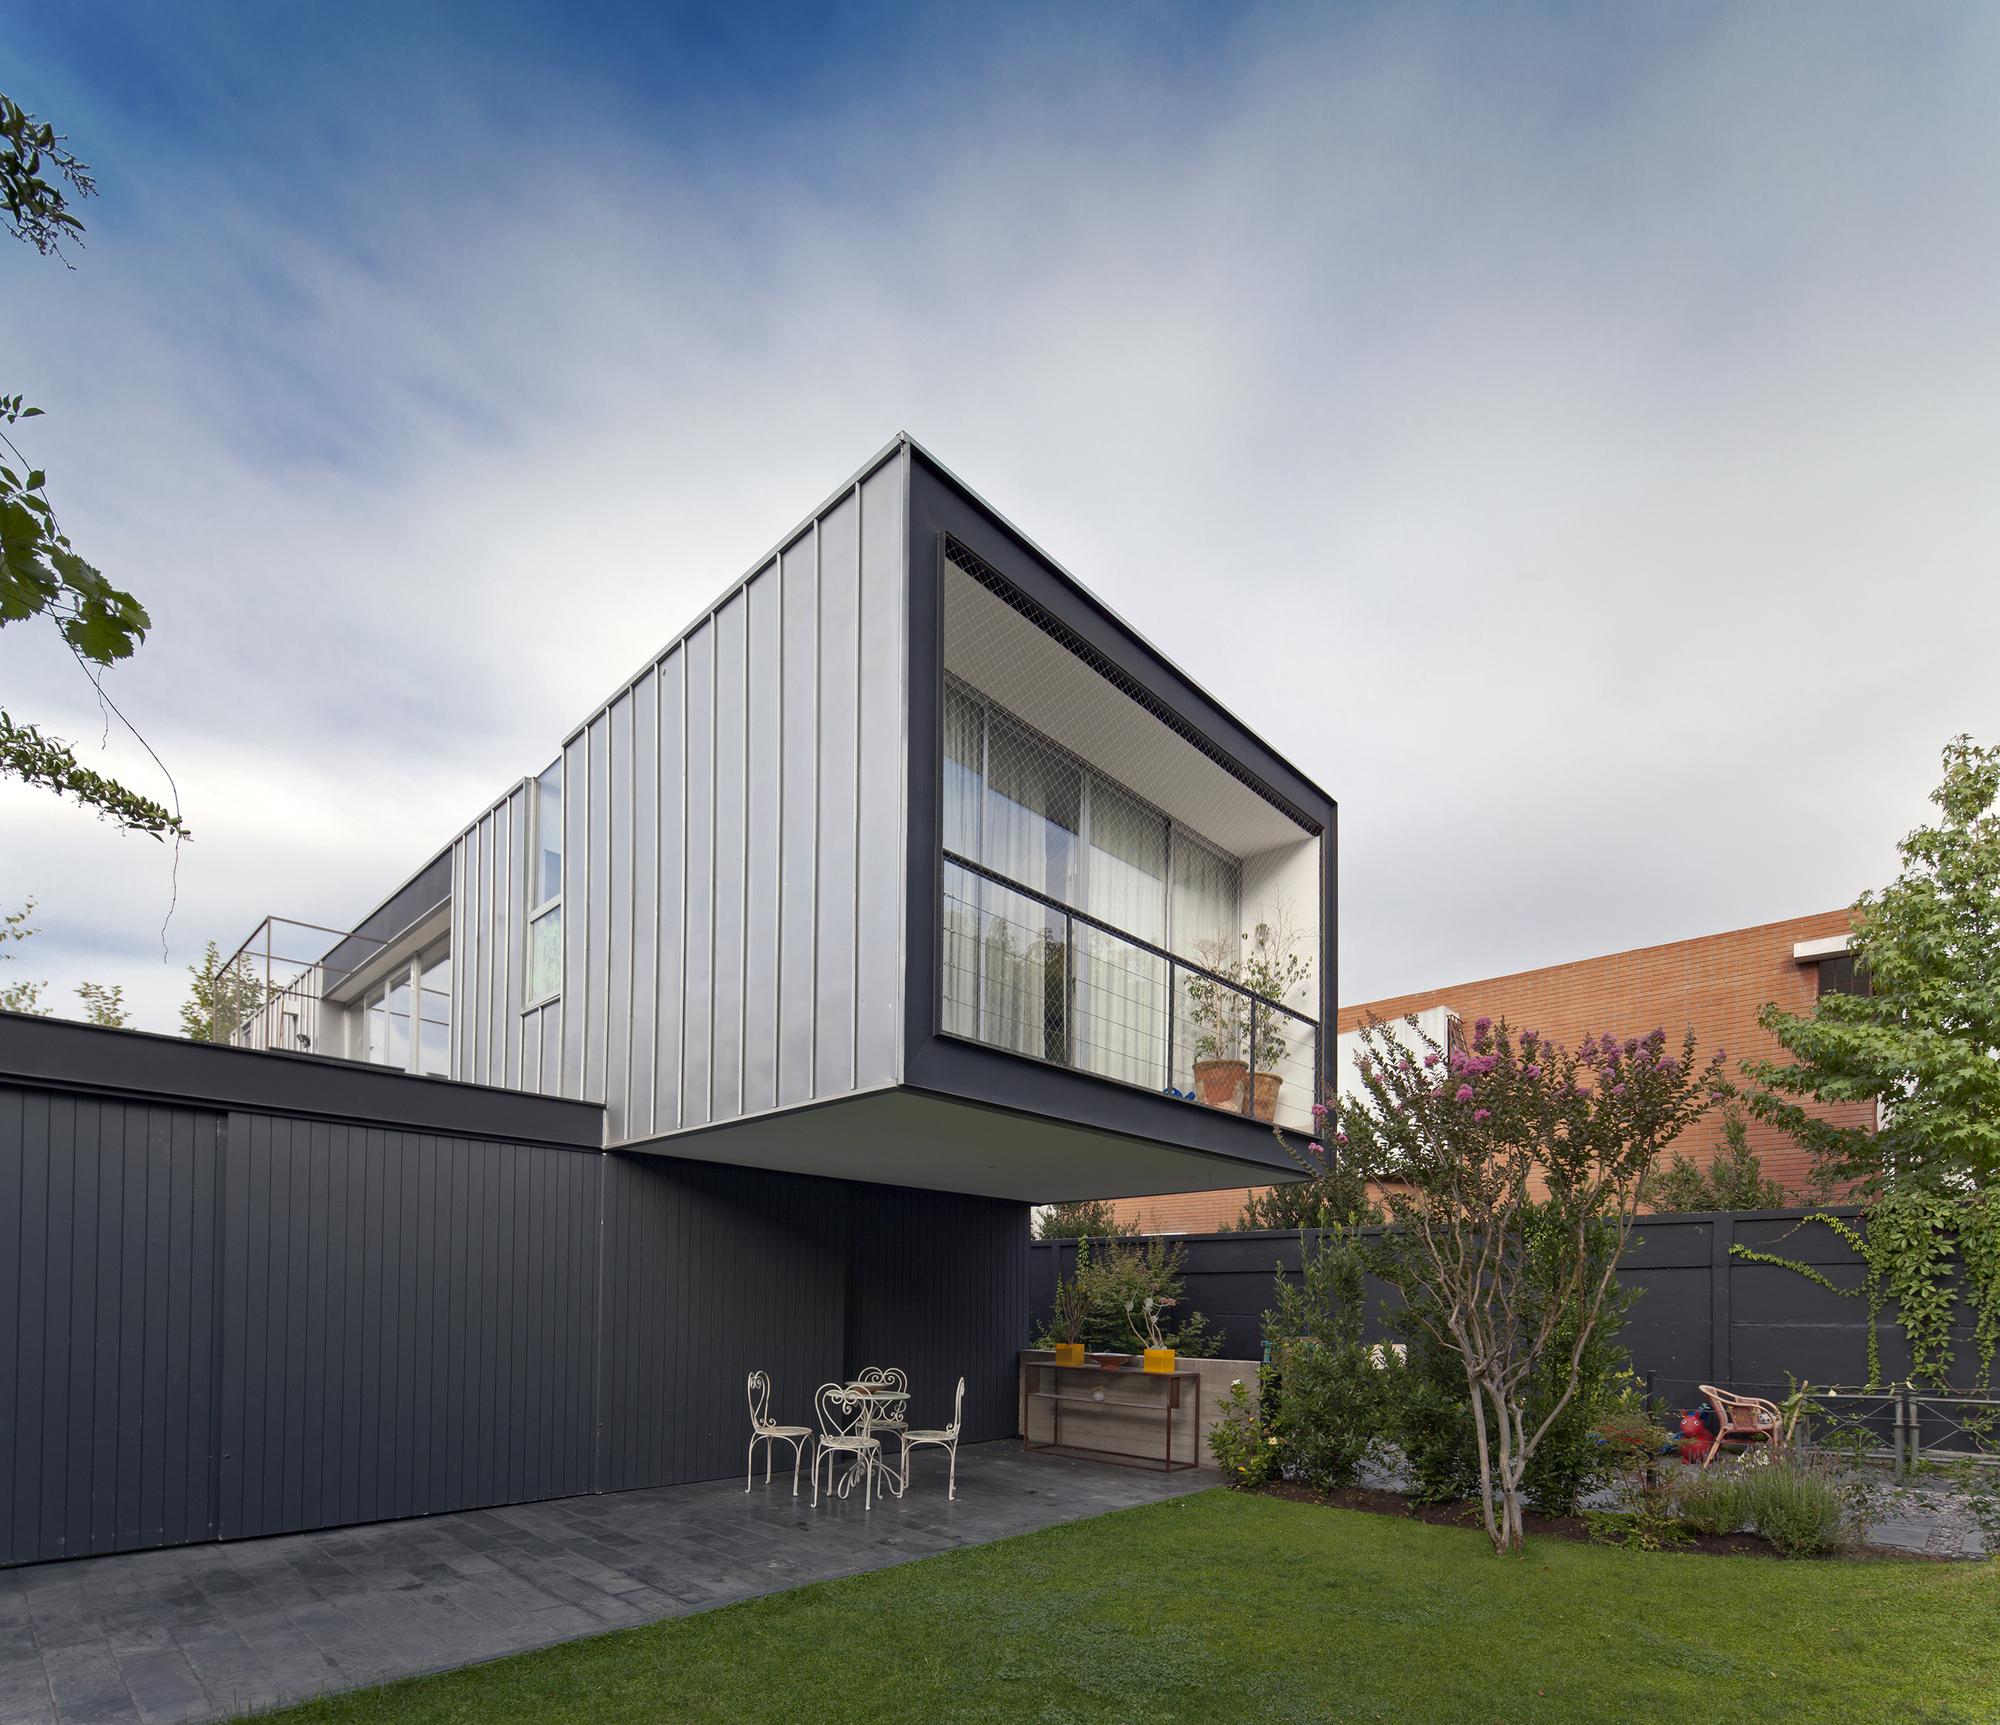 Casa vitacura riesco rivera arquitectos plataforma for Plataforma arquitectura